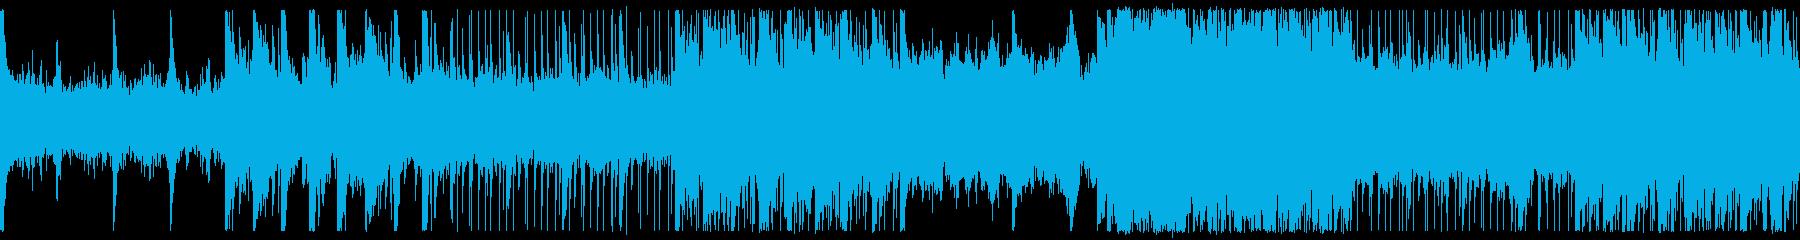 浮遊感のある幻想的なピアノアンサンブルの再生済みの波形